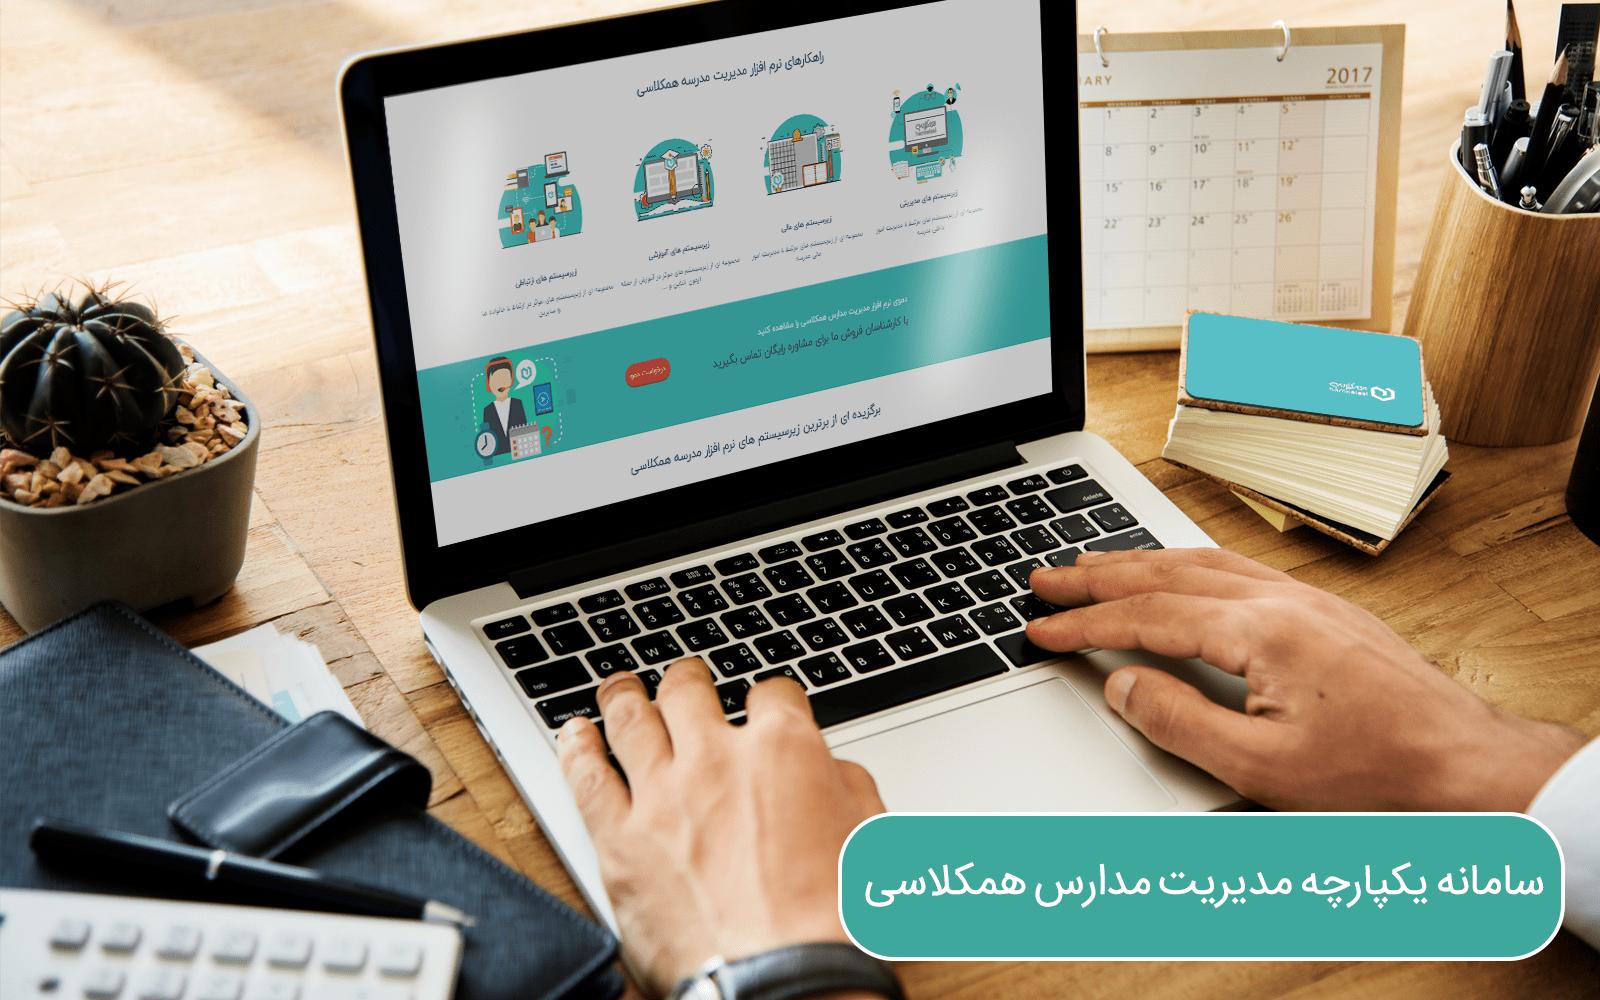 سامانه یکپارچه مدیریت مدارس همکلاسی